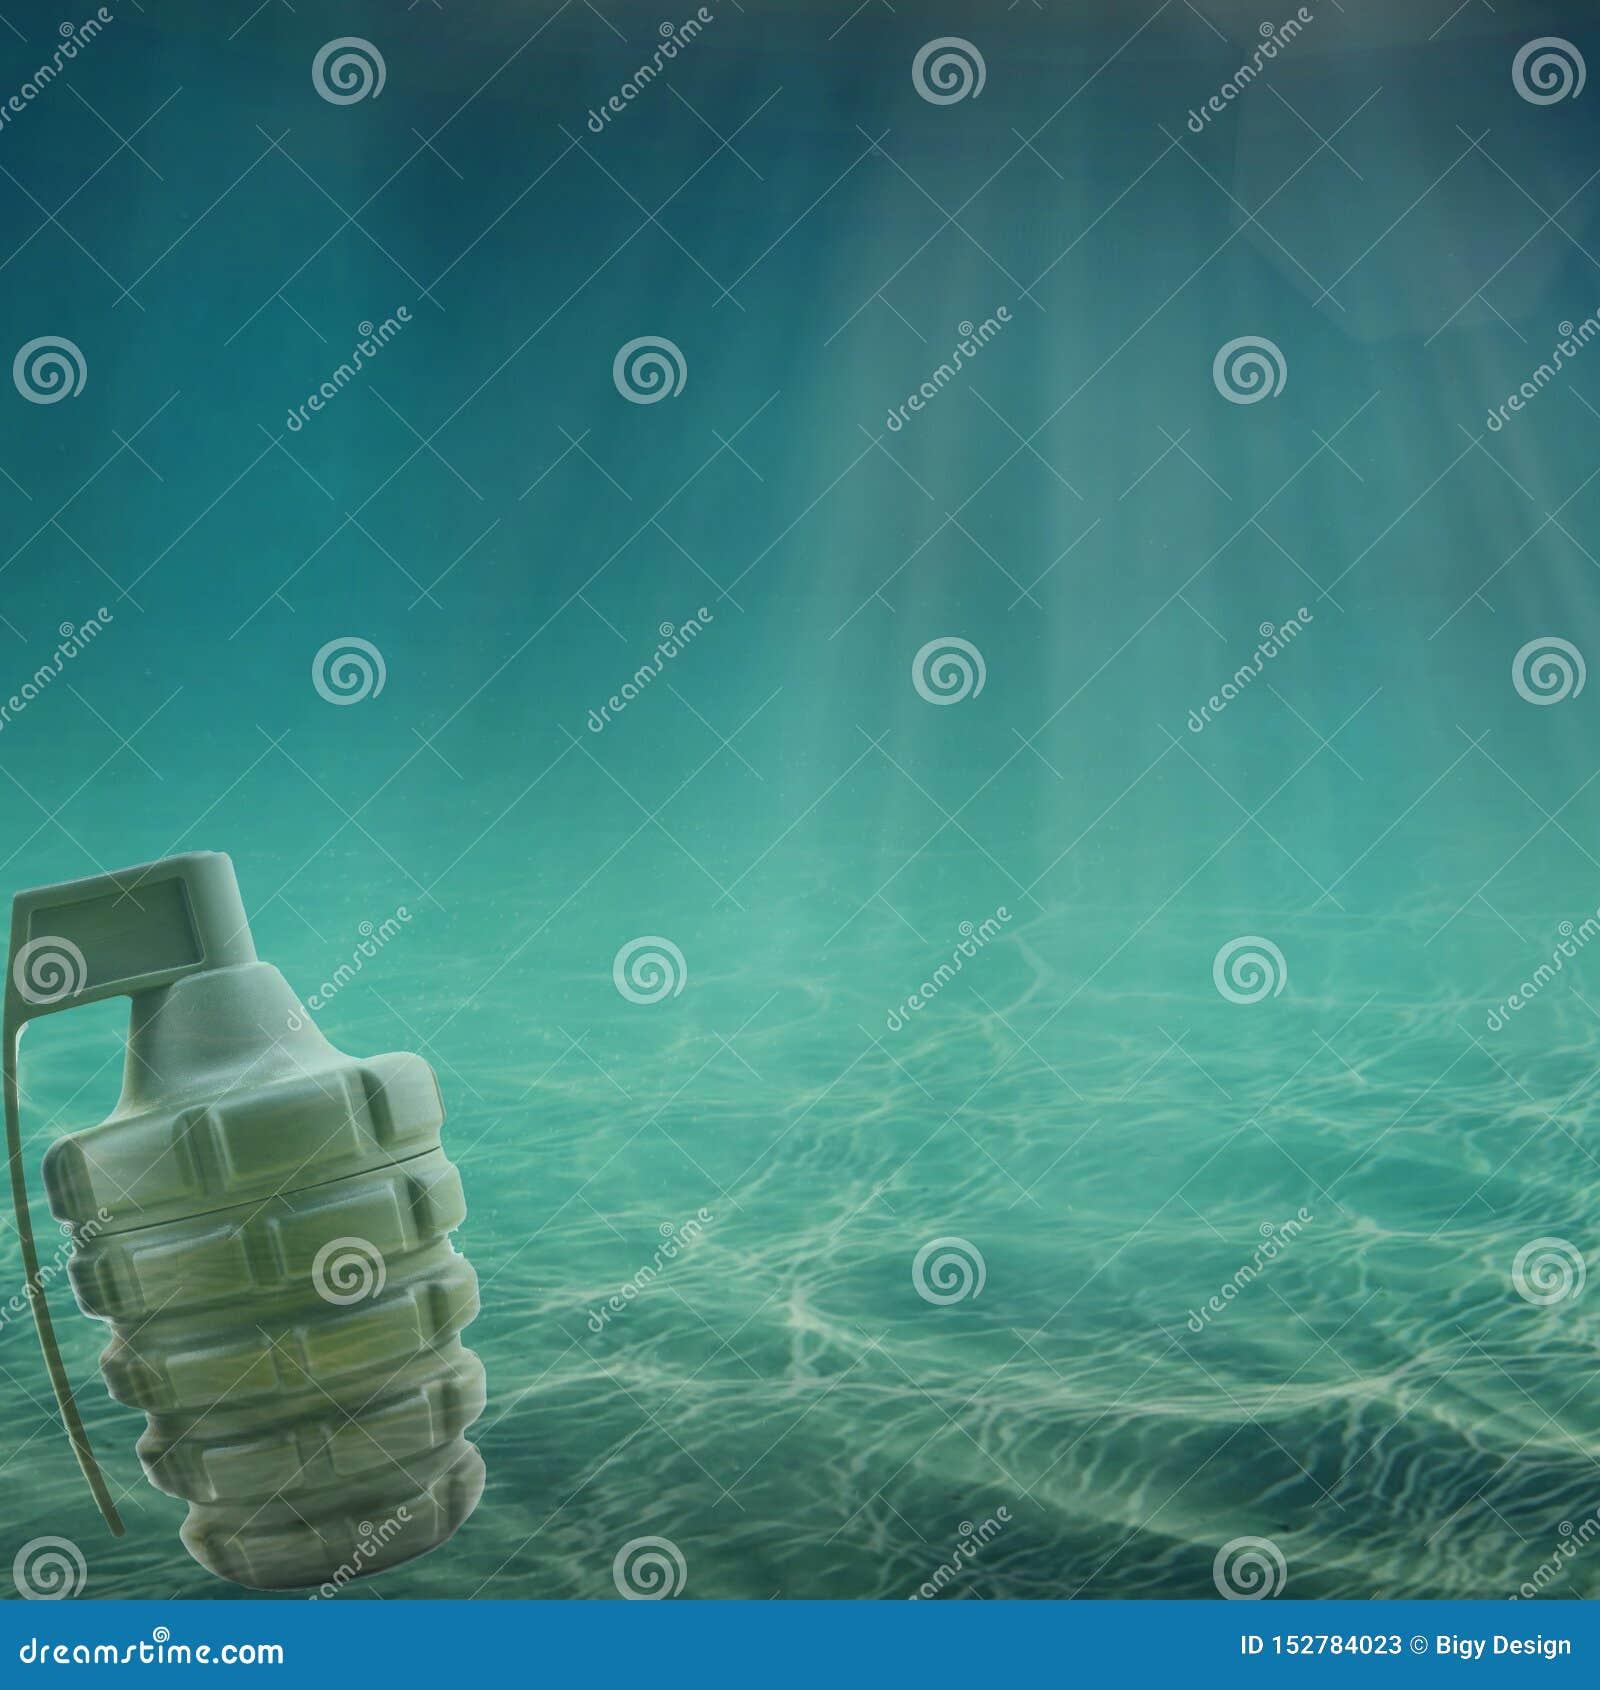 Granate im Meer oder im Ozean Öl-Krieg